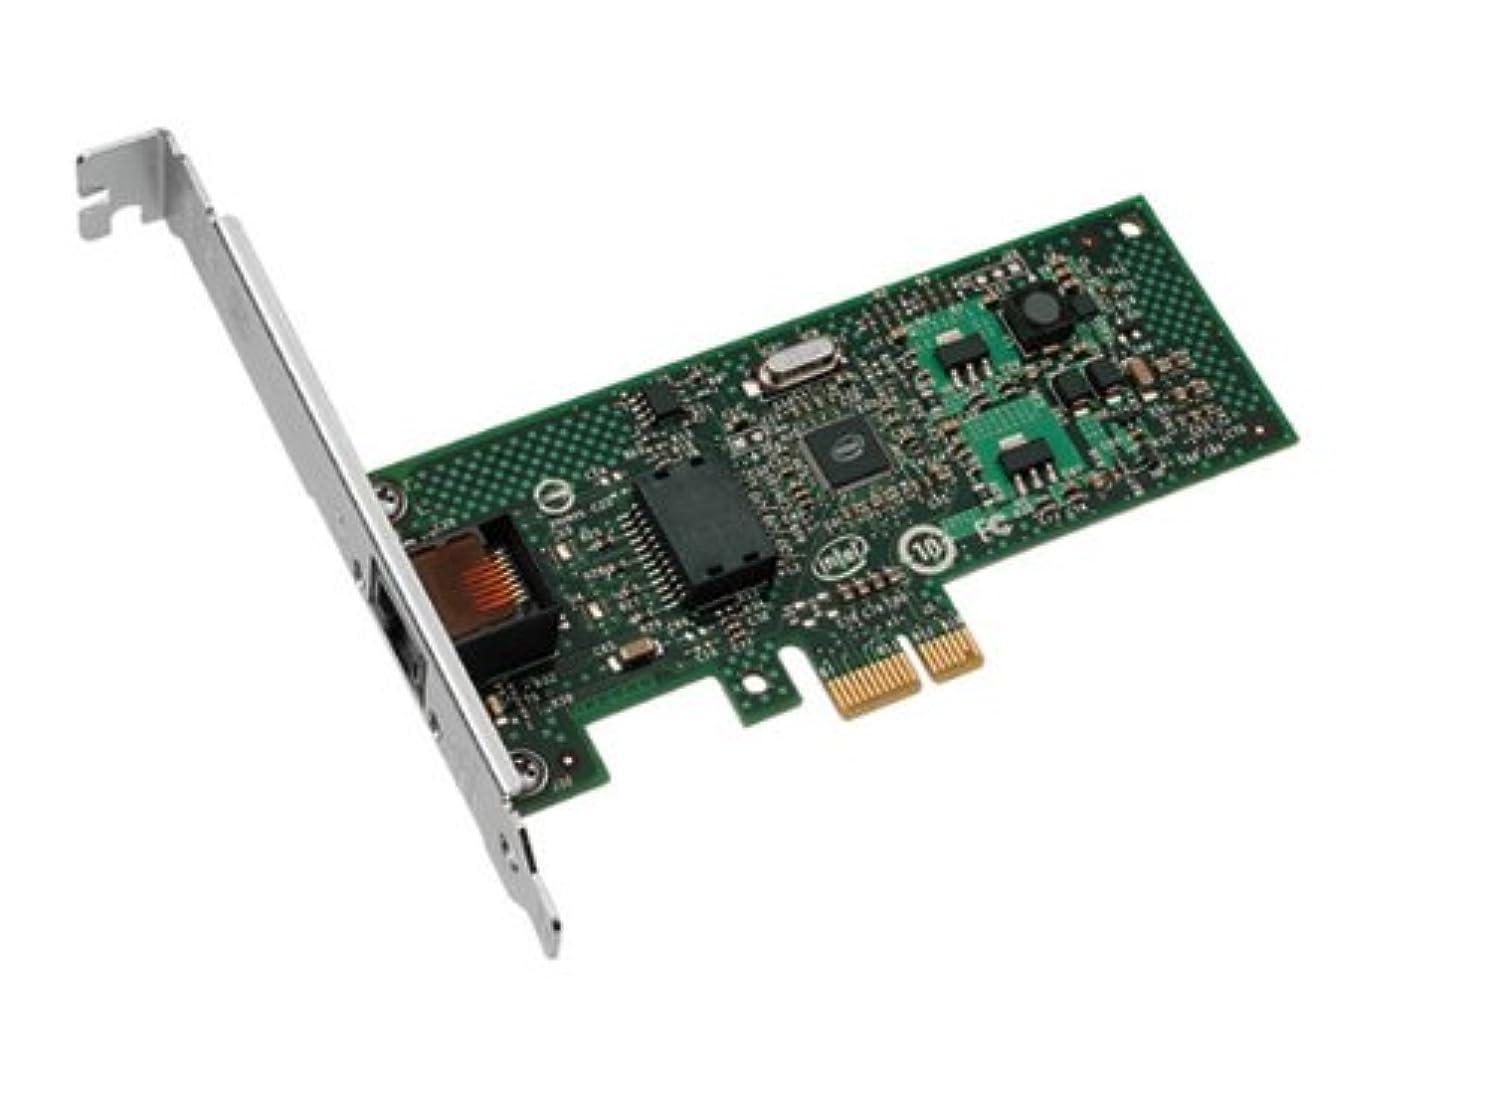 キャンディー知覚ペナルティインテル Gigabit CT Desktop DELIVERED IN 2-4 DAYS - **COMING FROM THE UK - MAKE SURE COMPATIBLE**